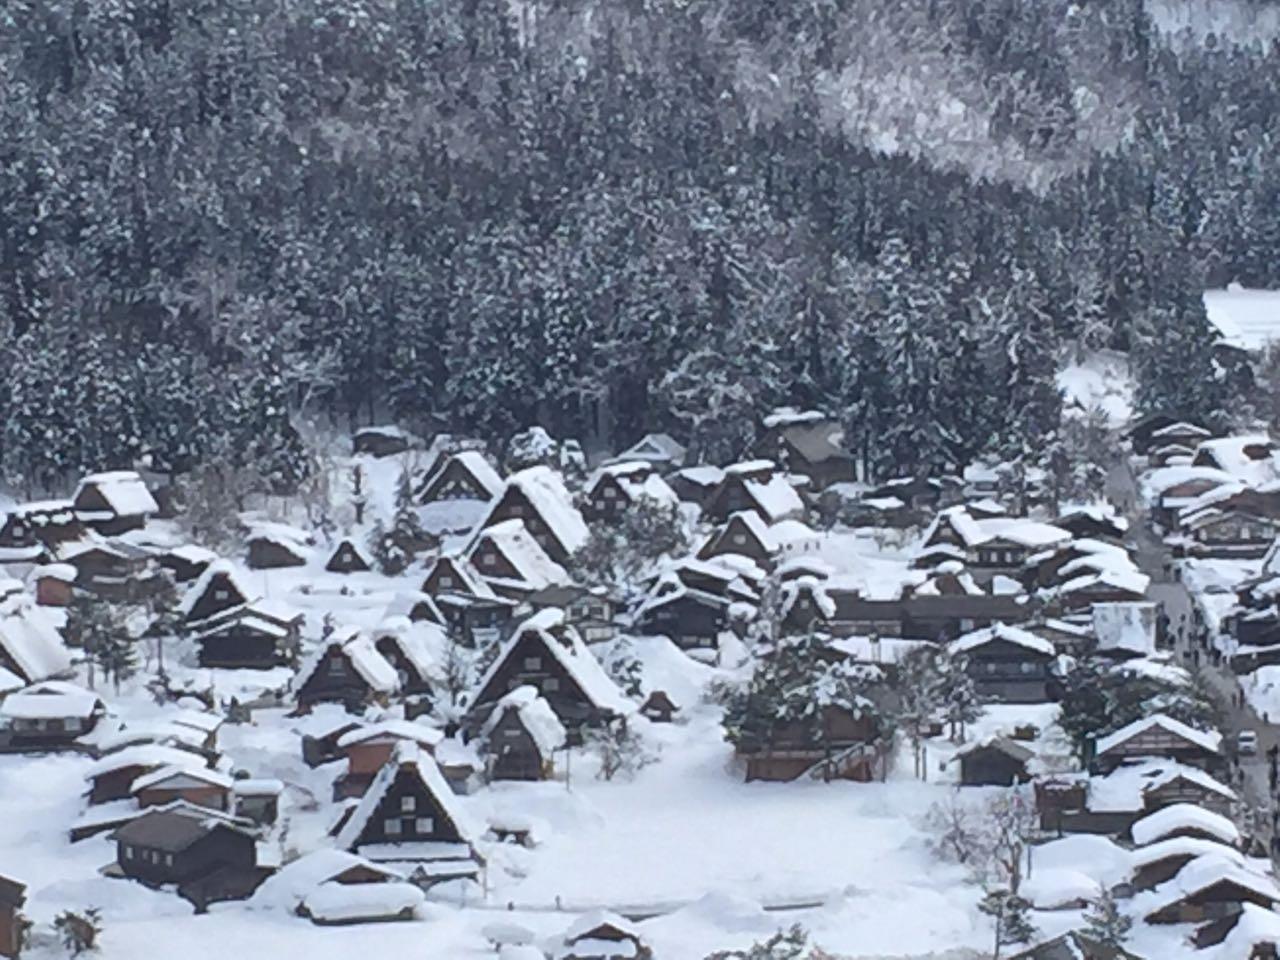 טיול חורף ליפן - מסע בארץ הפיות